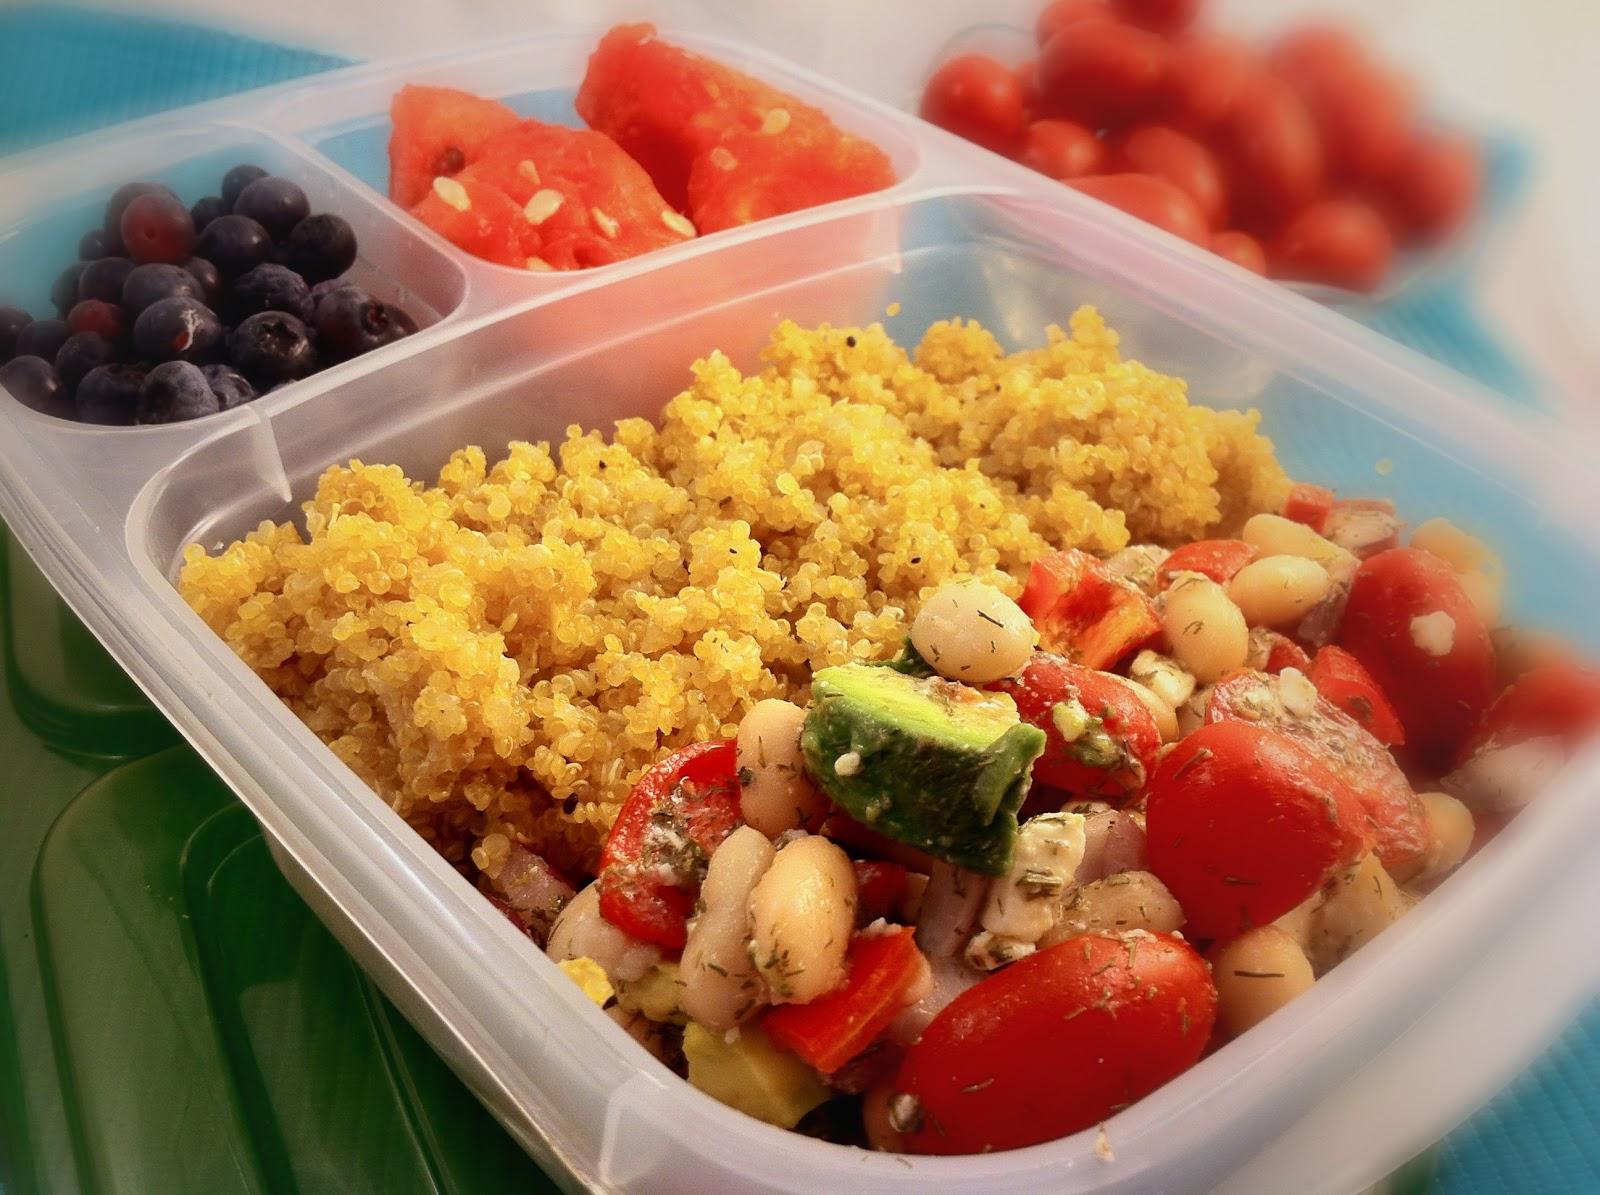 Operation: Lunch Box: Day 1 - White Bean Mediterranean Salad